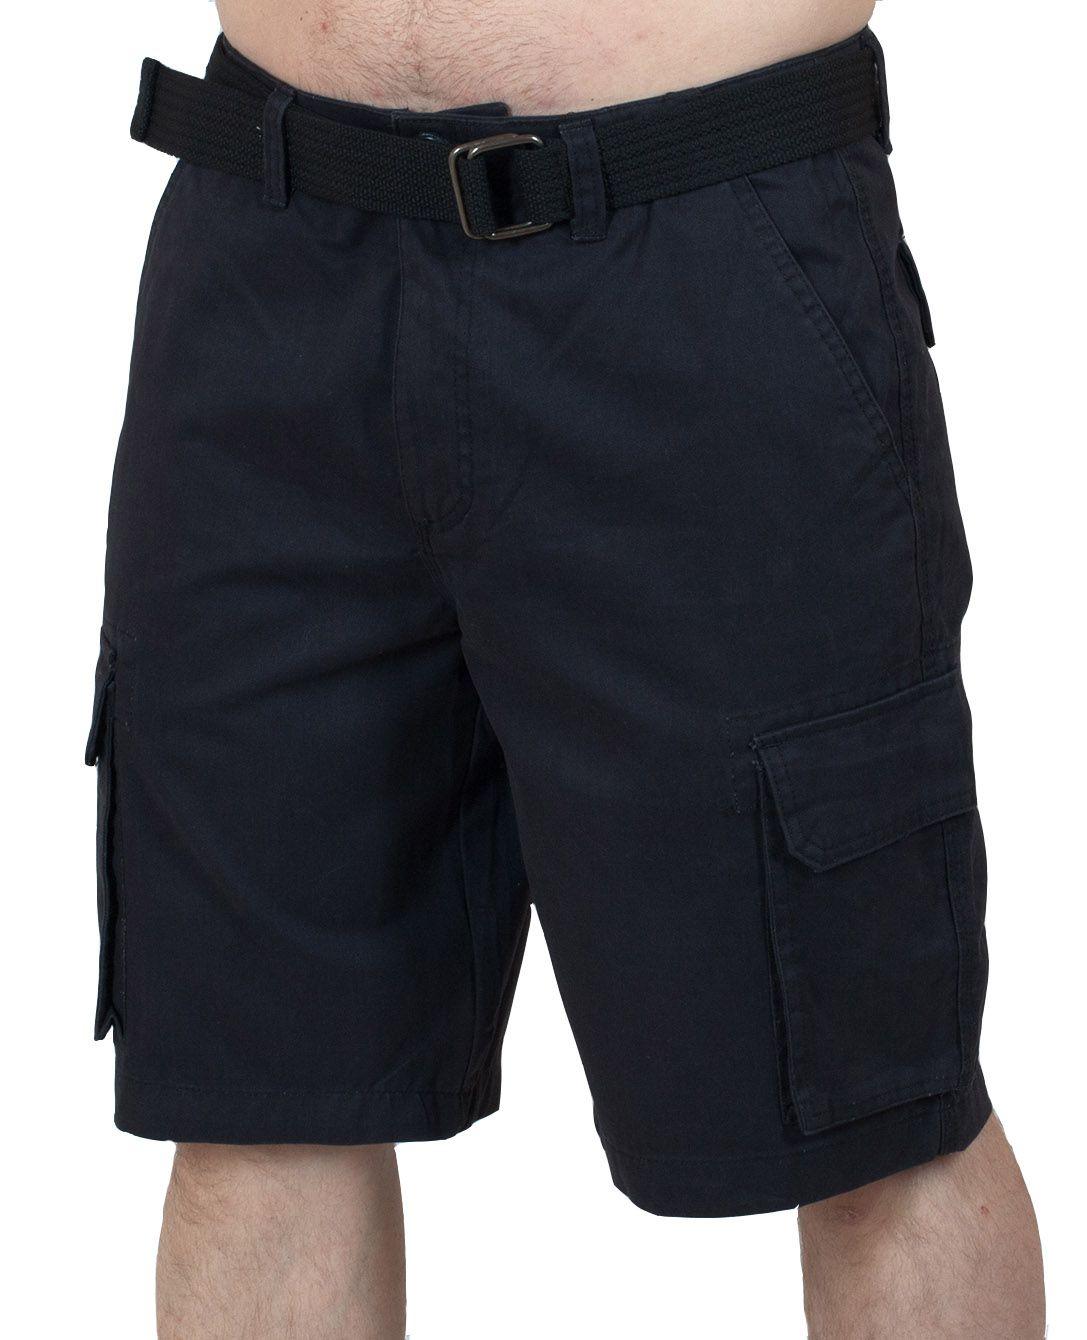 Культовые шорты карго Weatherproof - вид спереди